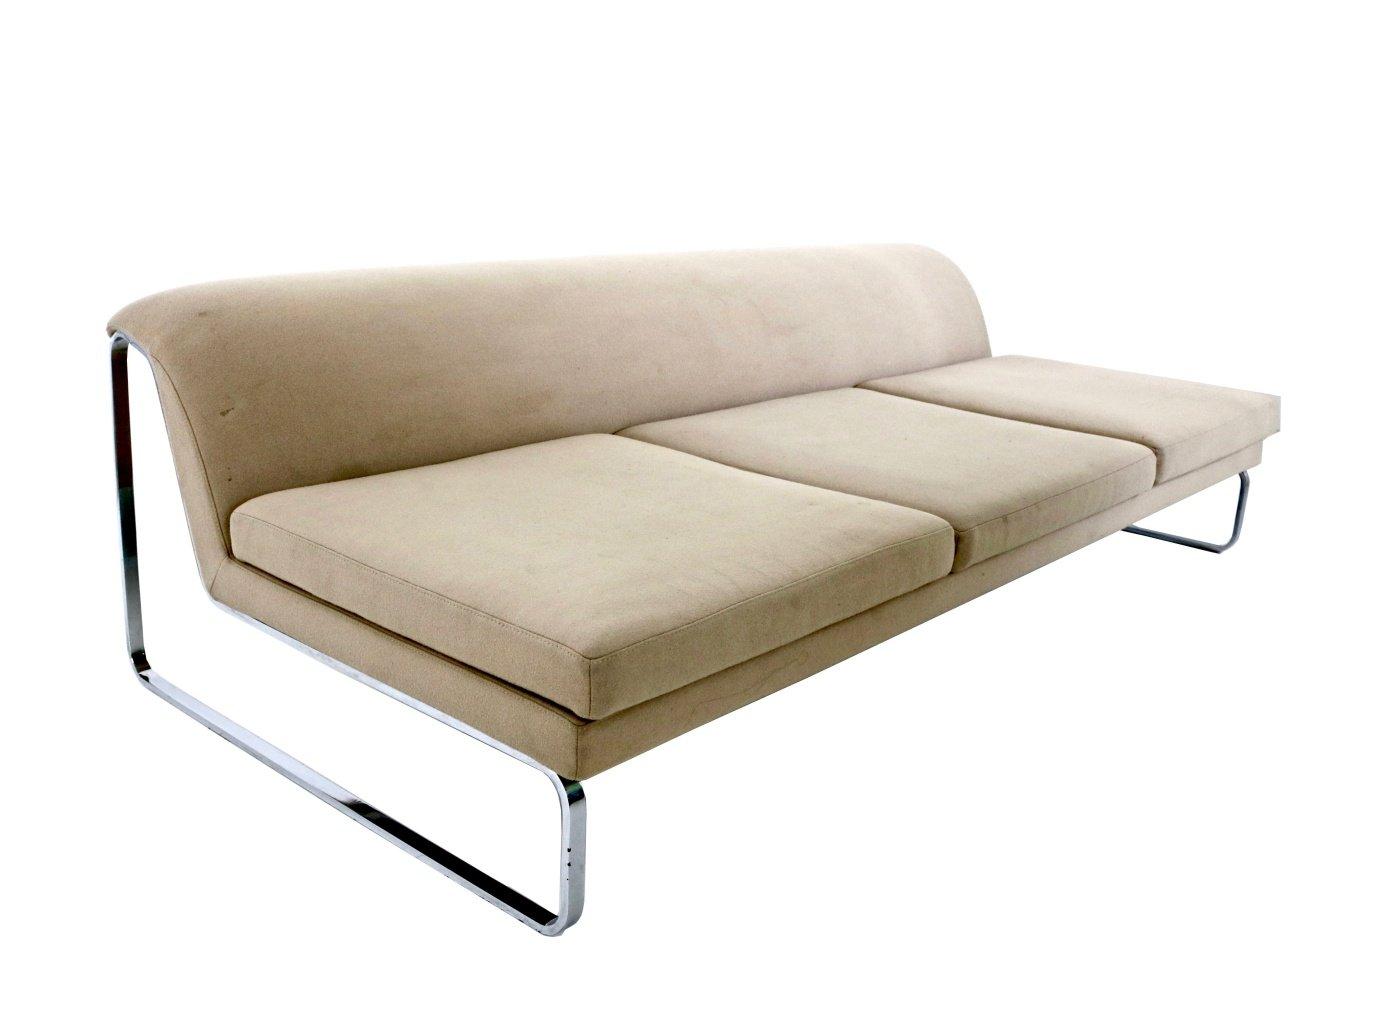 beiges italienisches sofa von gordon guillaumier f r tacchini 2000er bei pamono kaufen. Black Bedroom Furniture Sets. Home Design Ideas